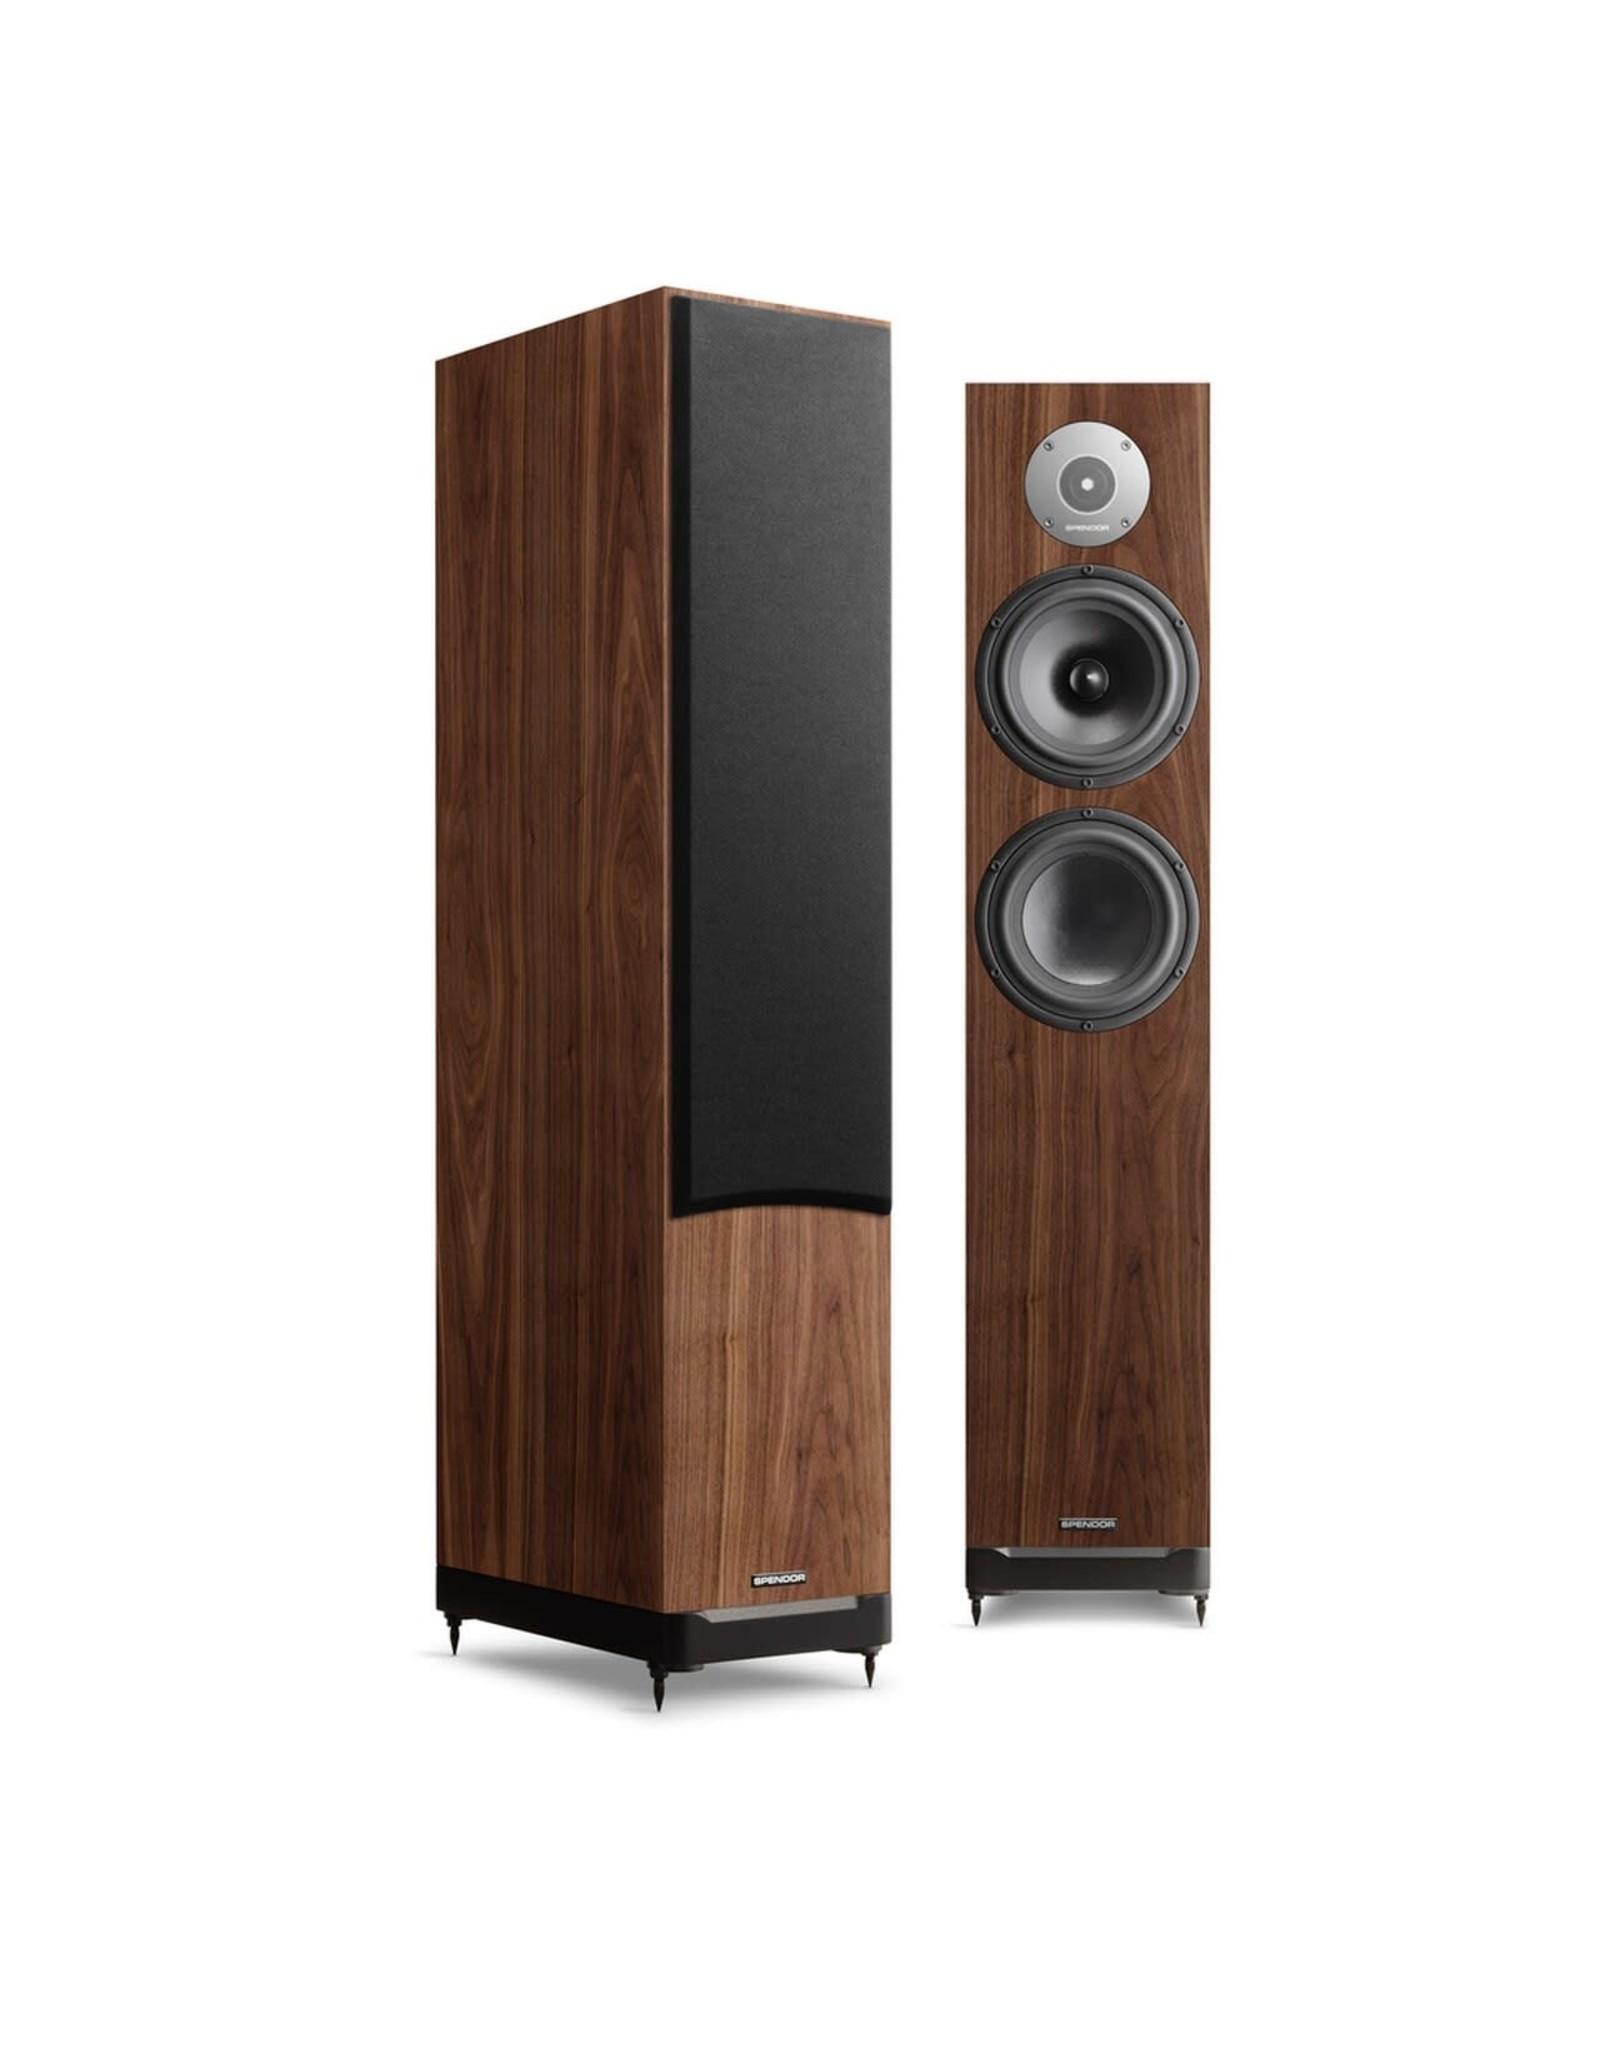 Spendor Spendor D7.2 Floorstanding Speakers